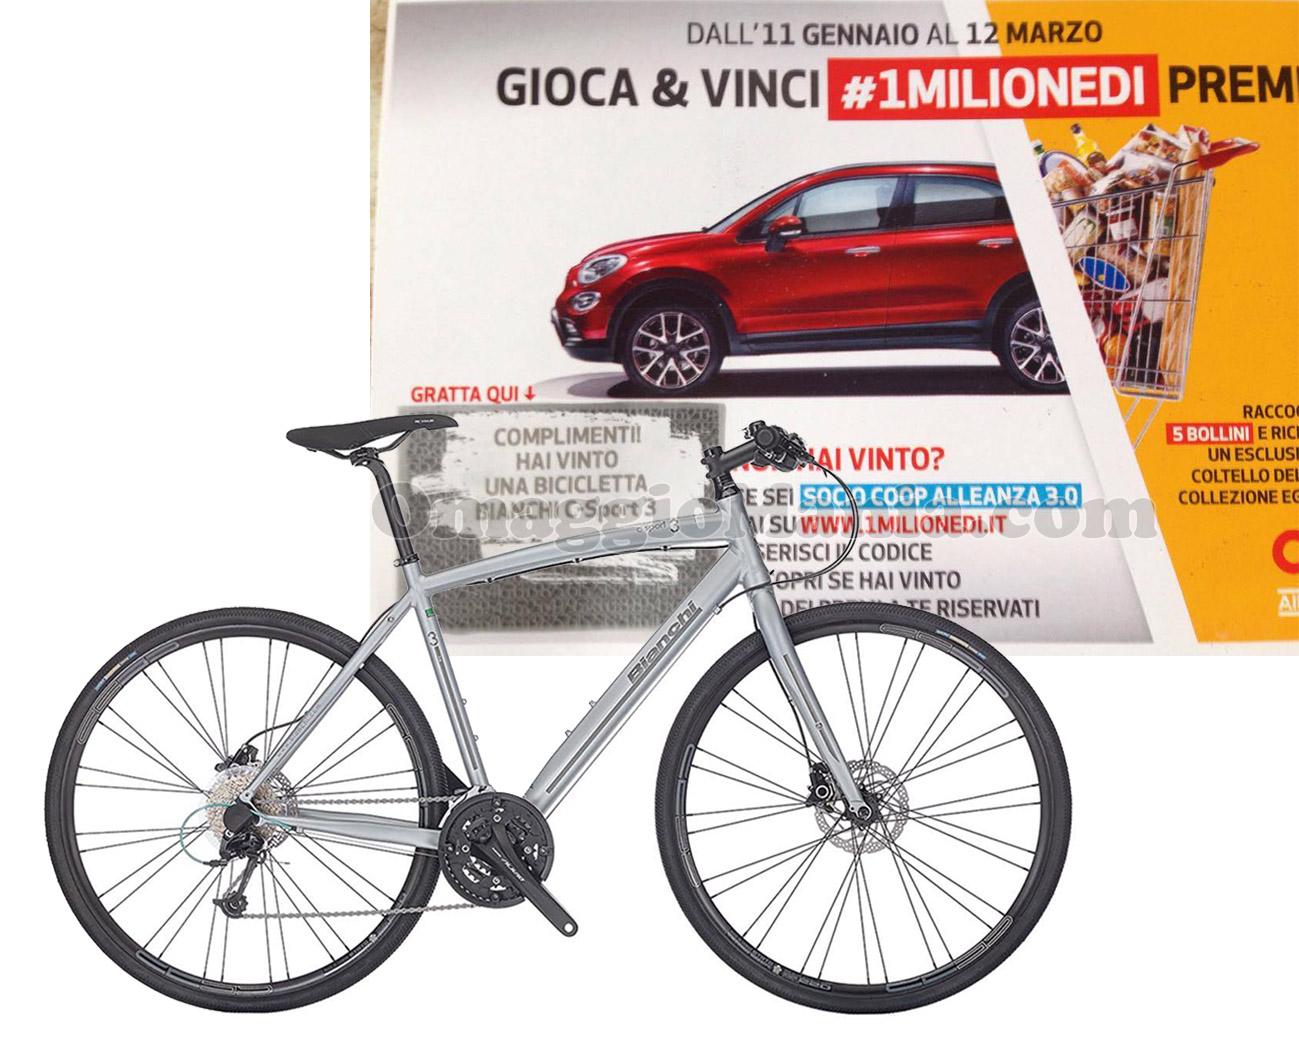 vincita bicicletta Bianchi C-Sport 3 di Tatiana con COOP #1MilioneDi